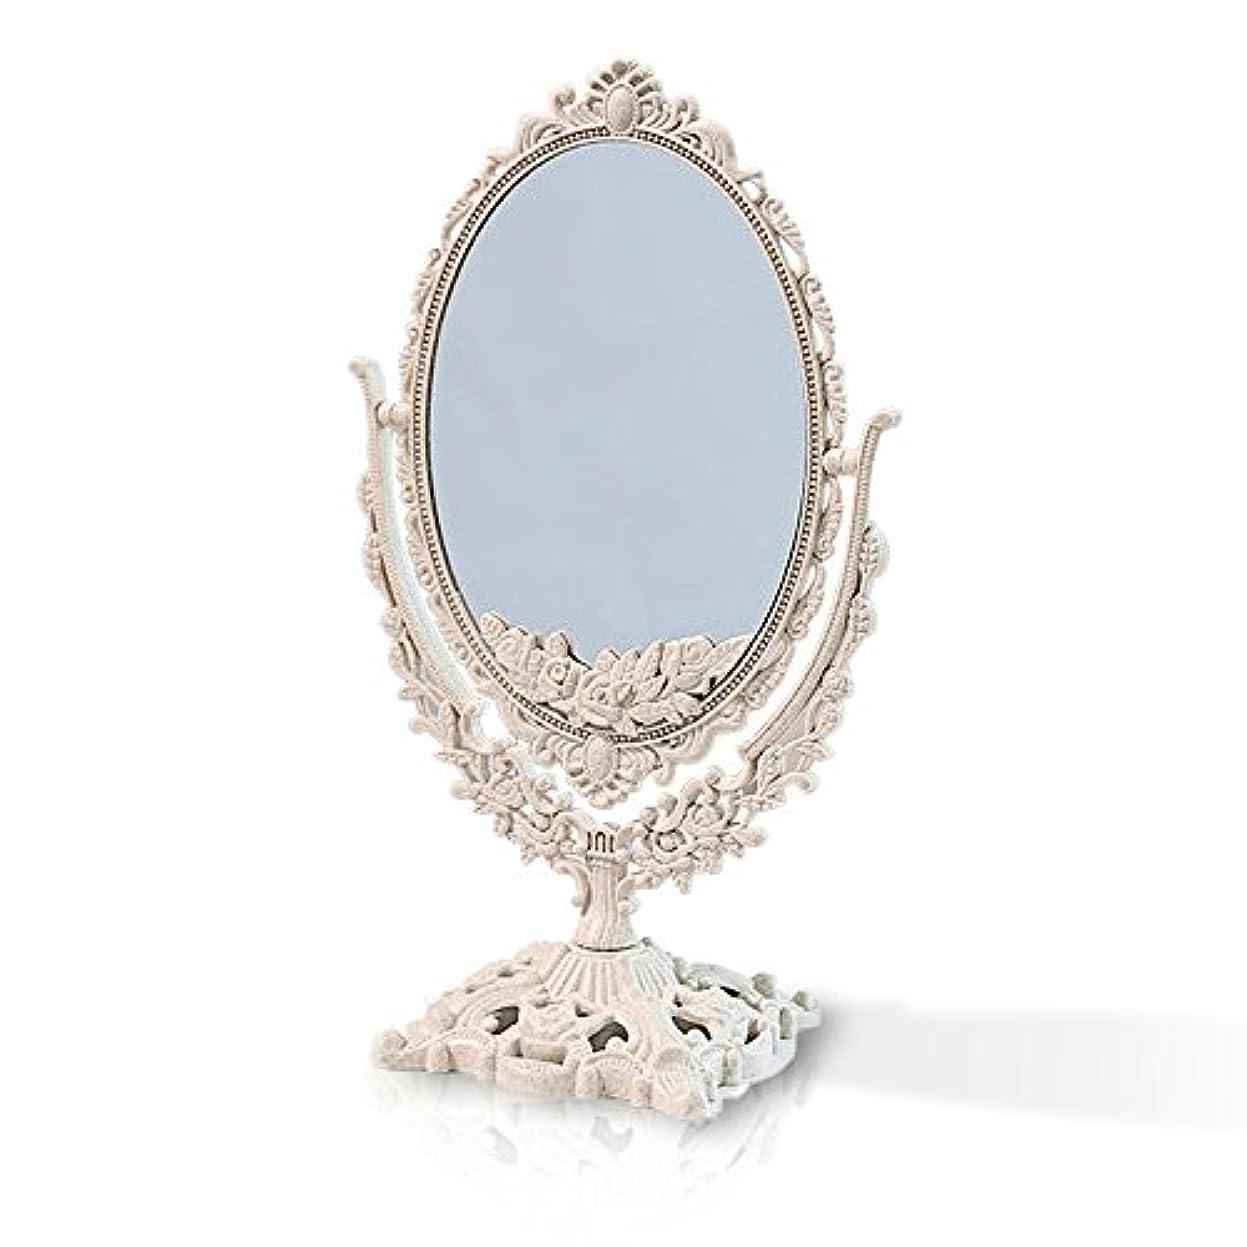 桜の雪 【3倍拡大鏡付き】 両面化粧鏡  ヨーロッパ式 (大きい型)